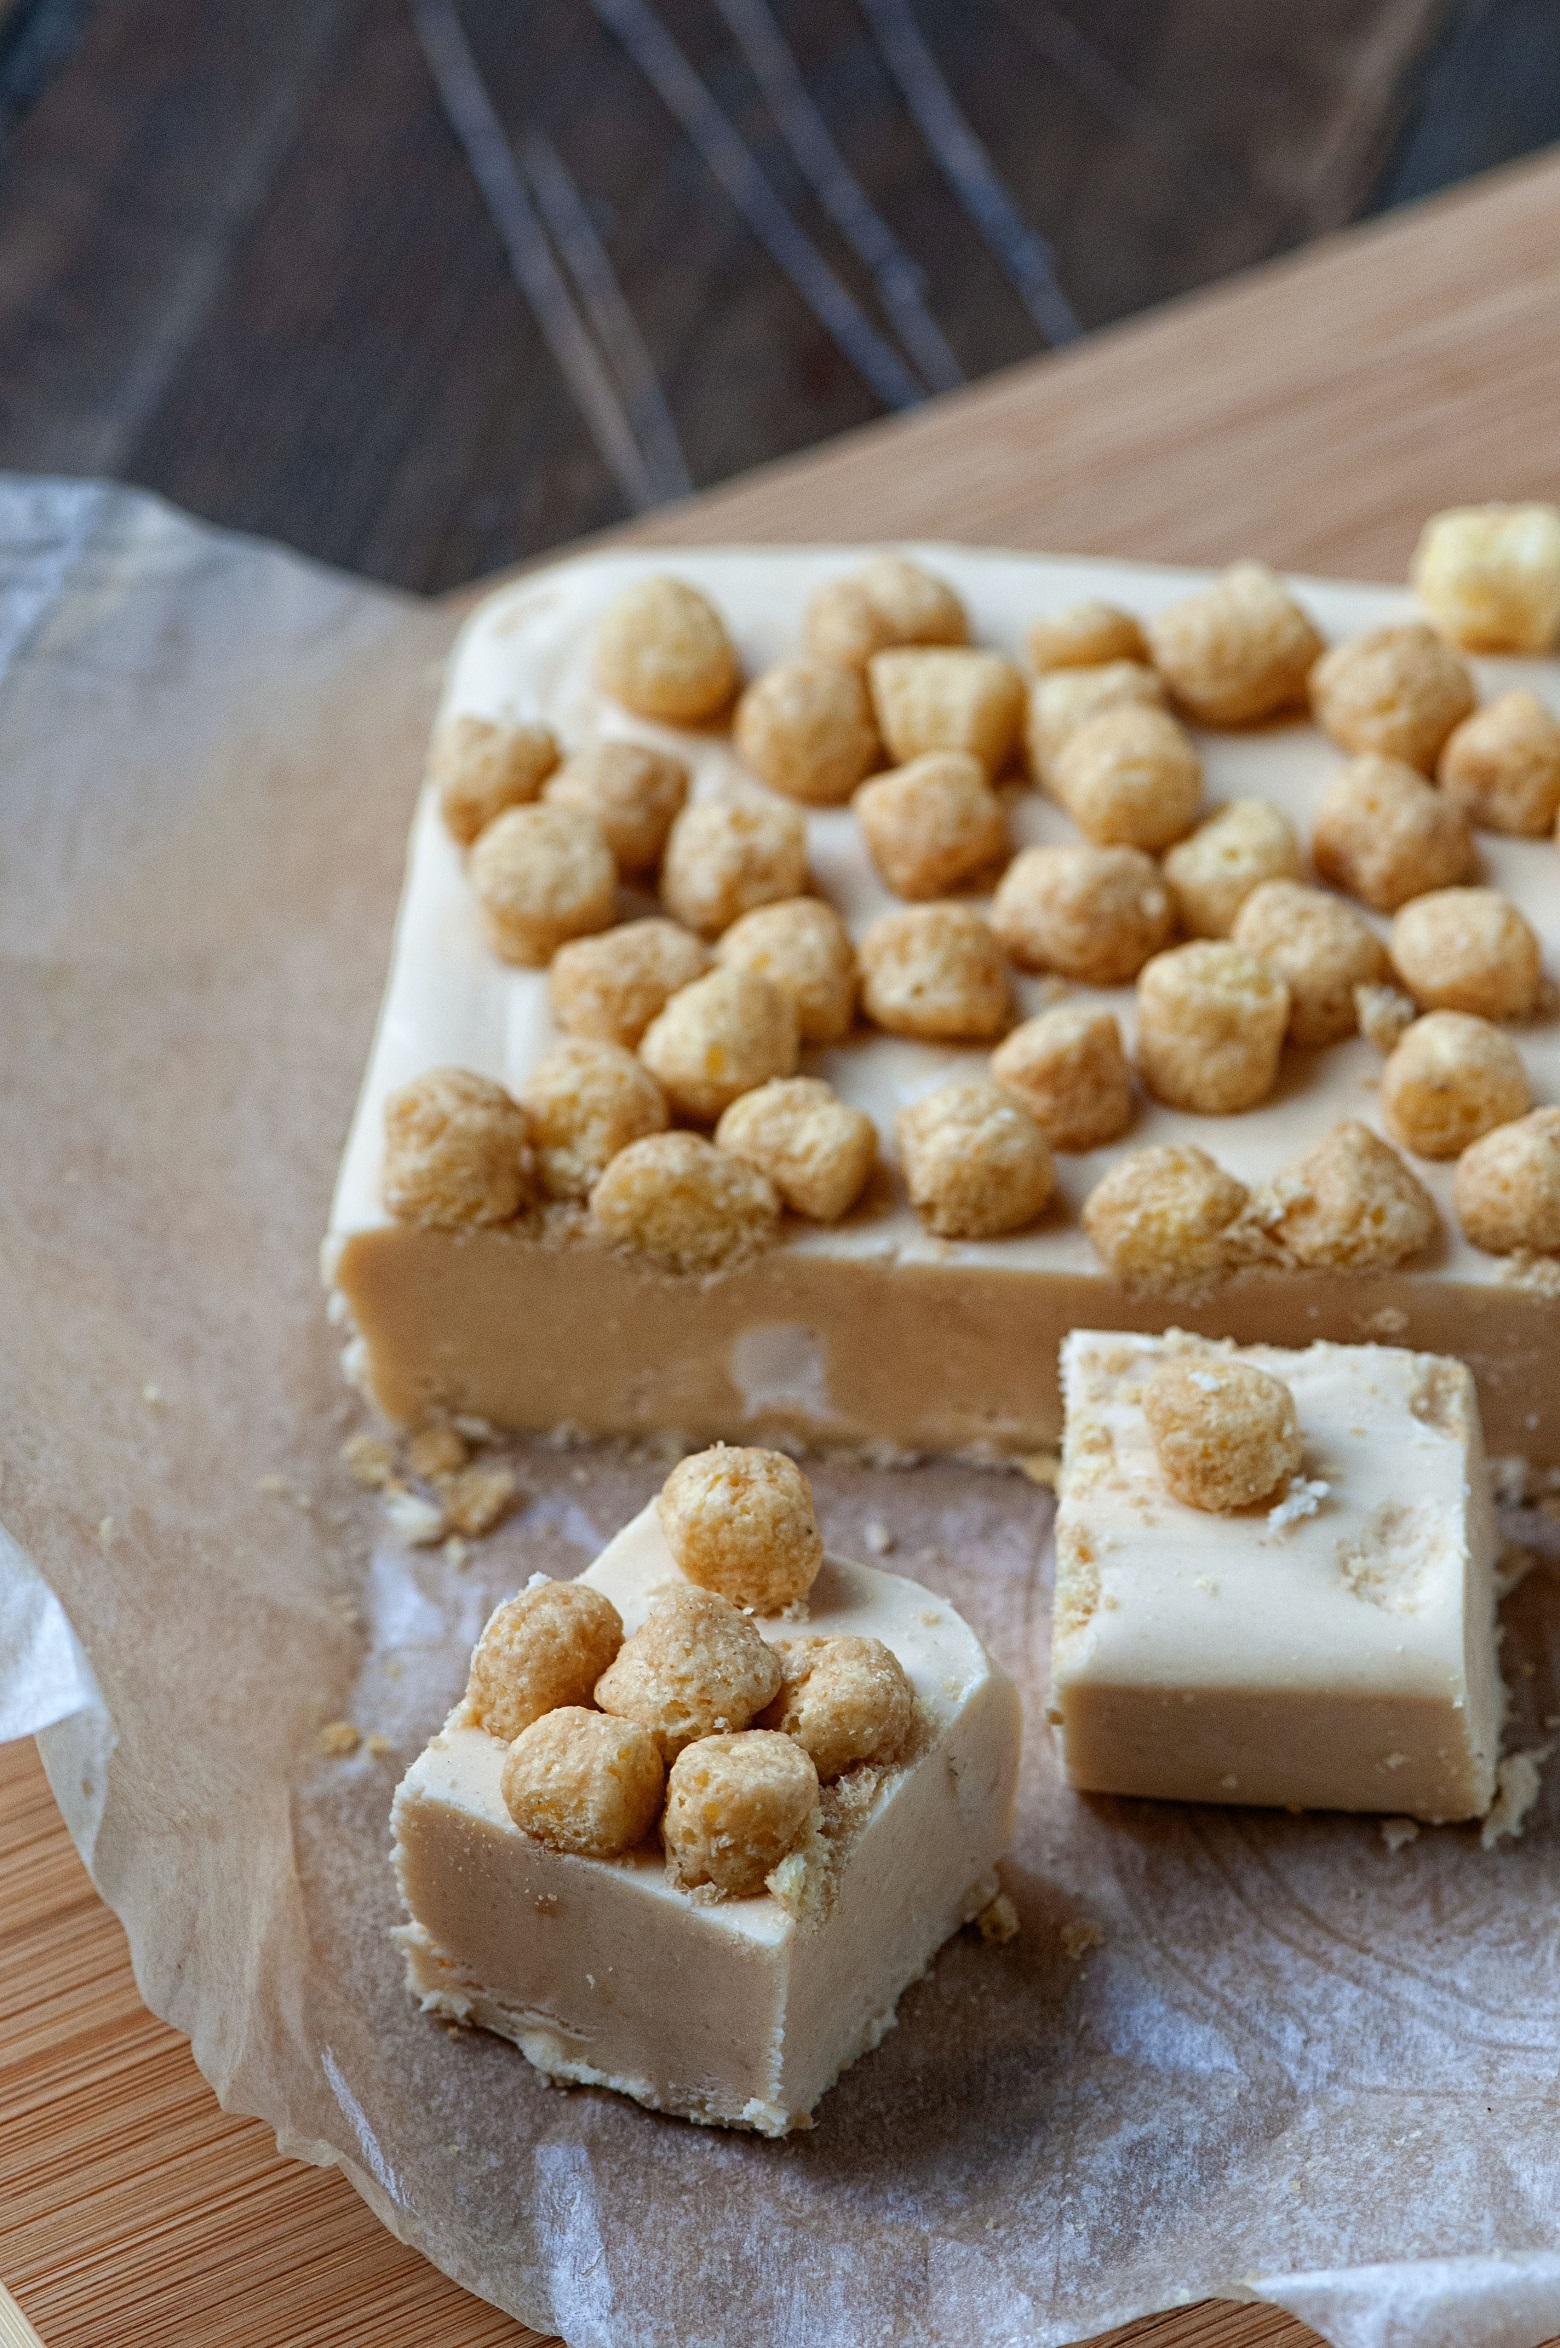 Peanut Butter Captain Crunch Fudge